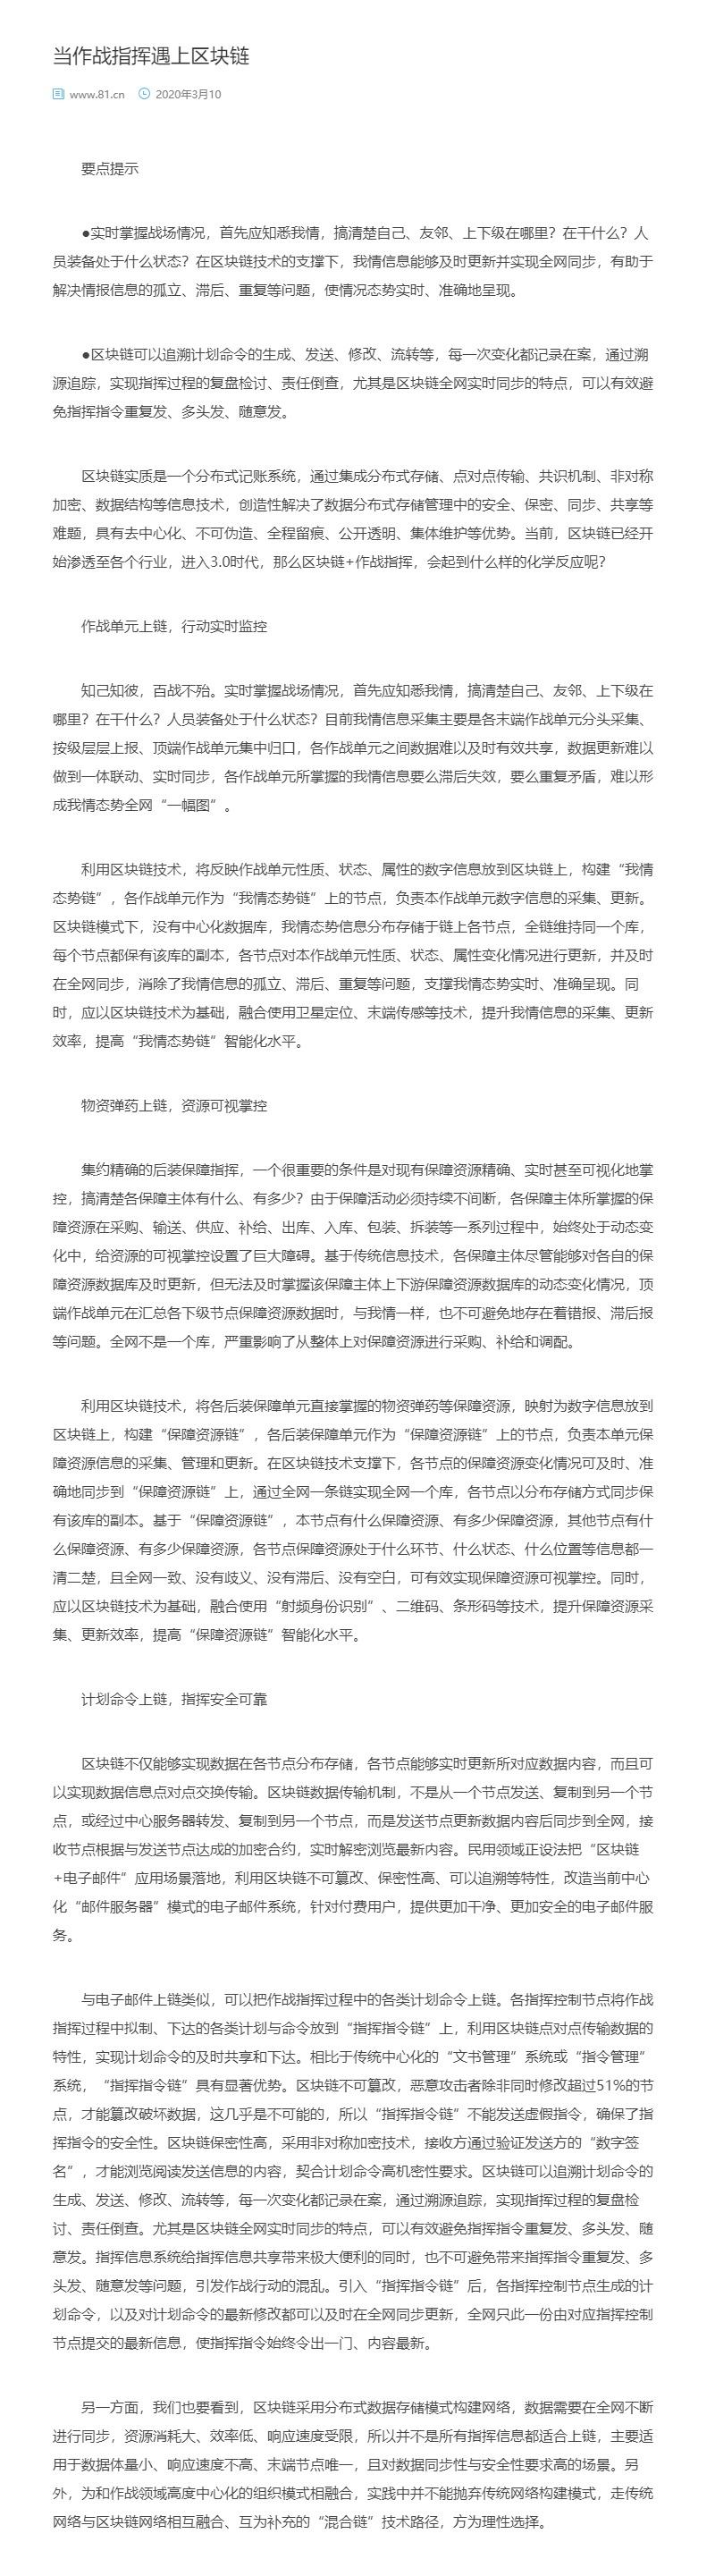 中国国防报|当作战指挥遇上区块链